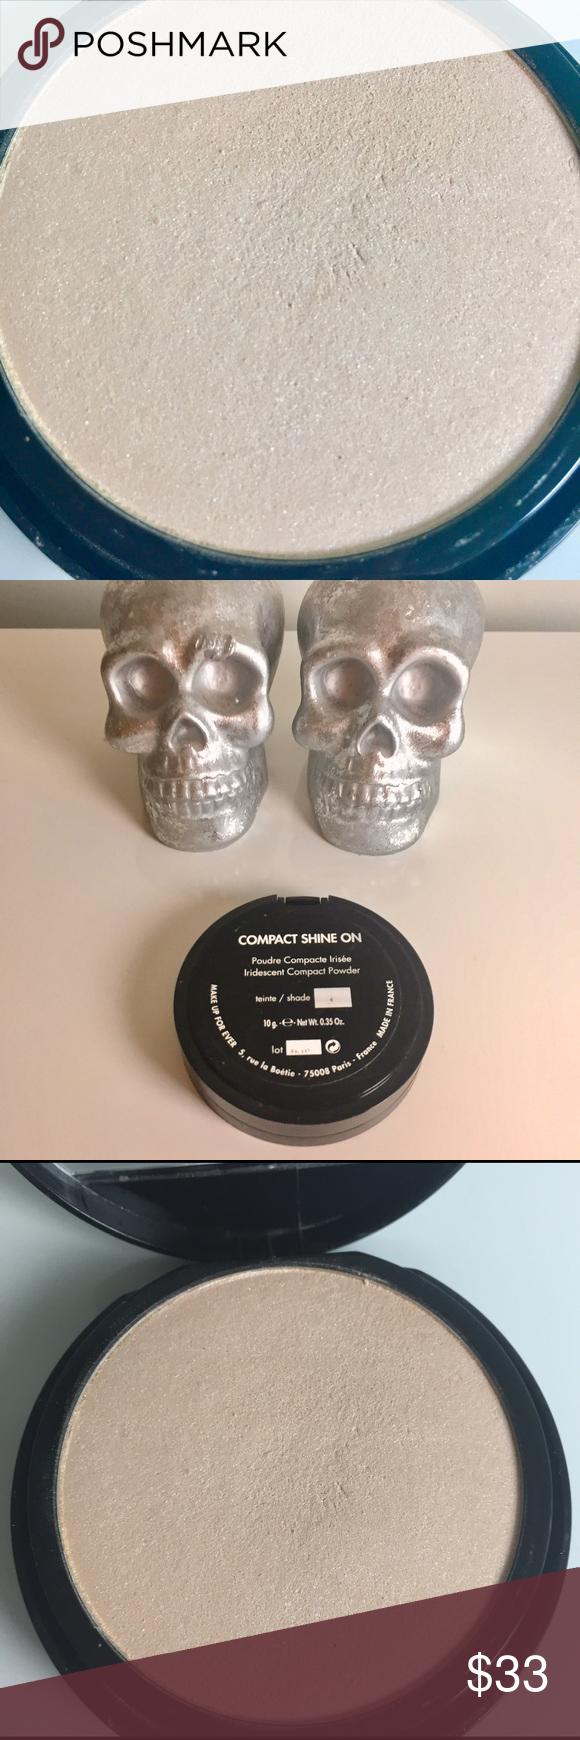 Makeup Forever Iridescent Compact Powder 3 Makeup